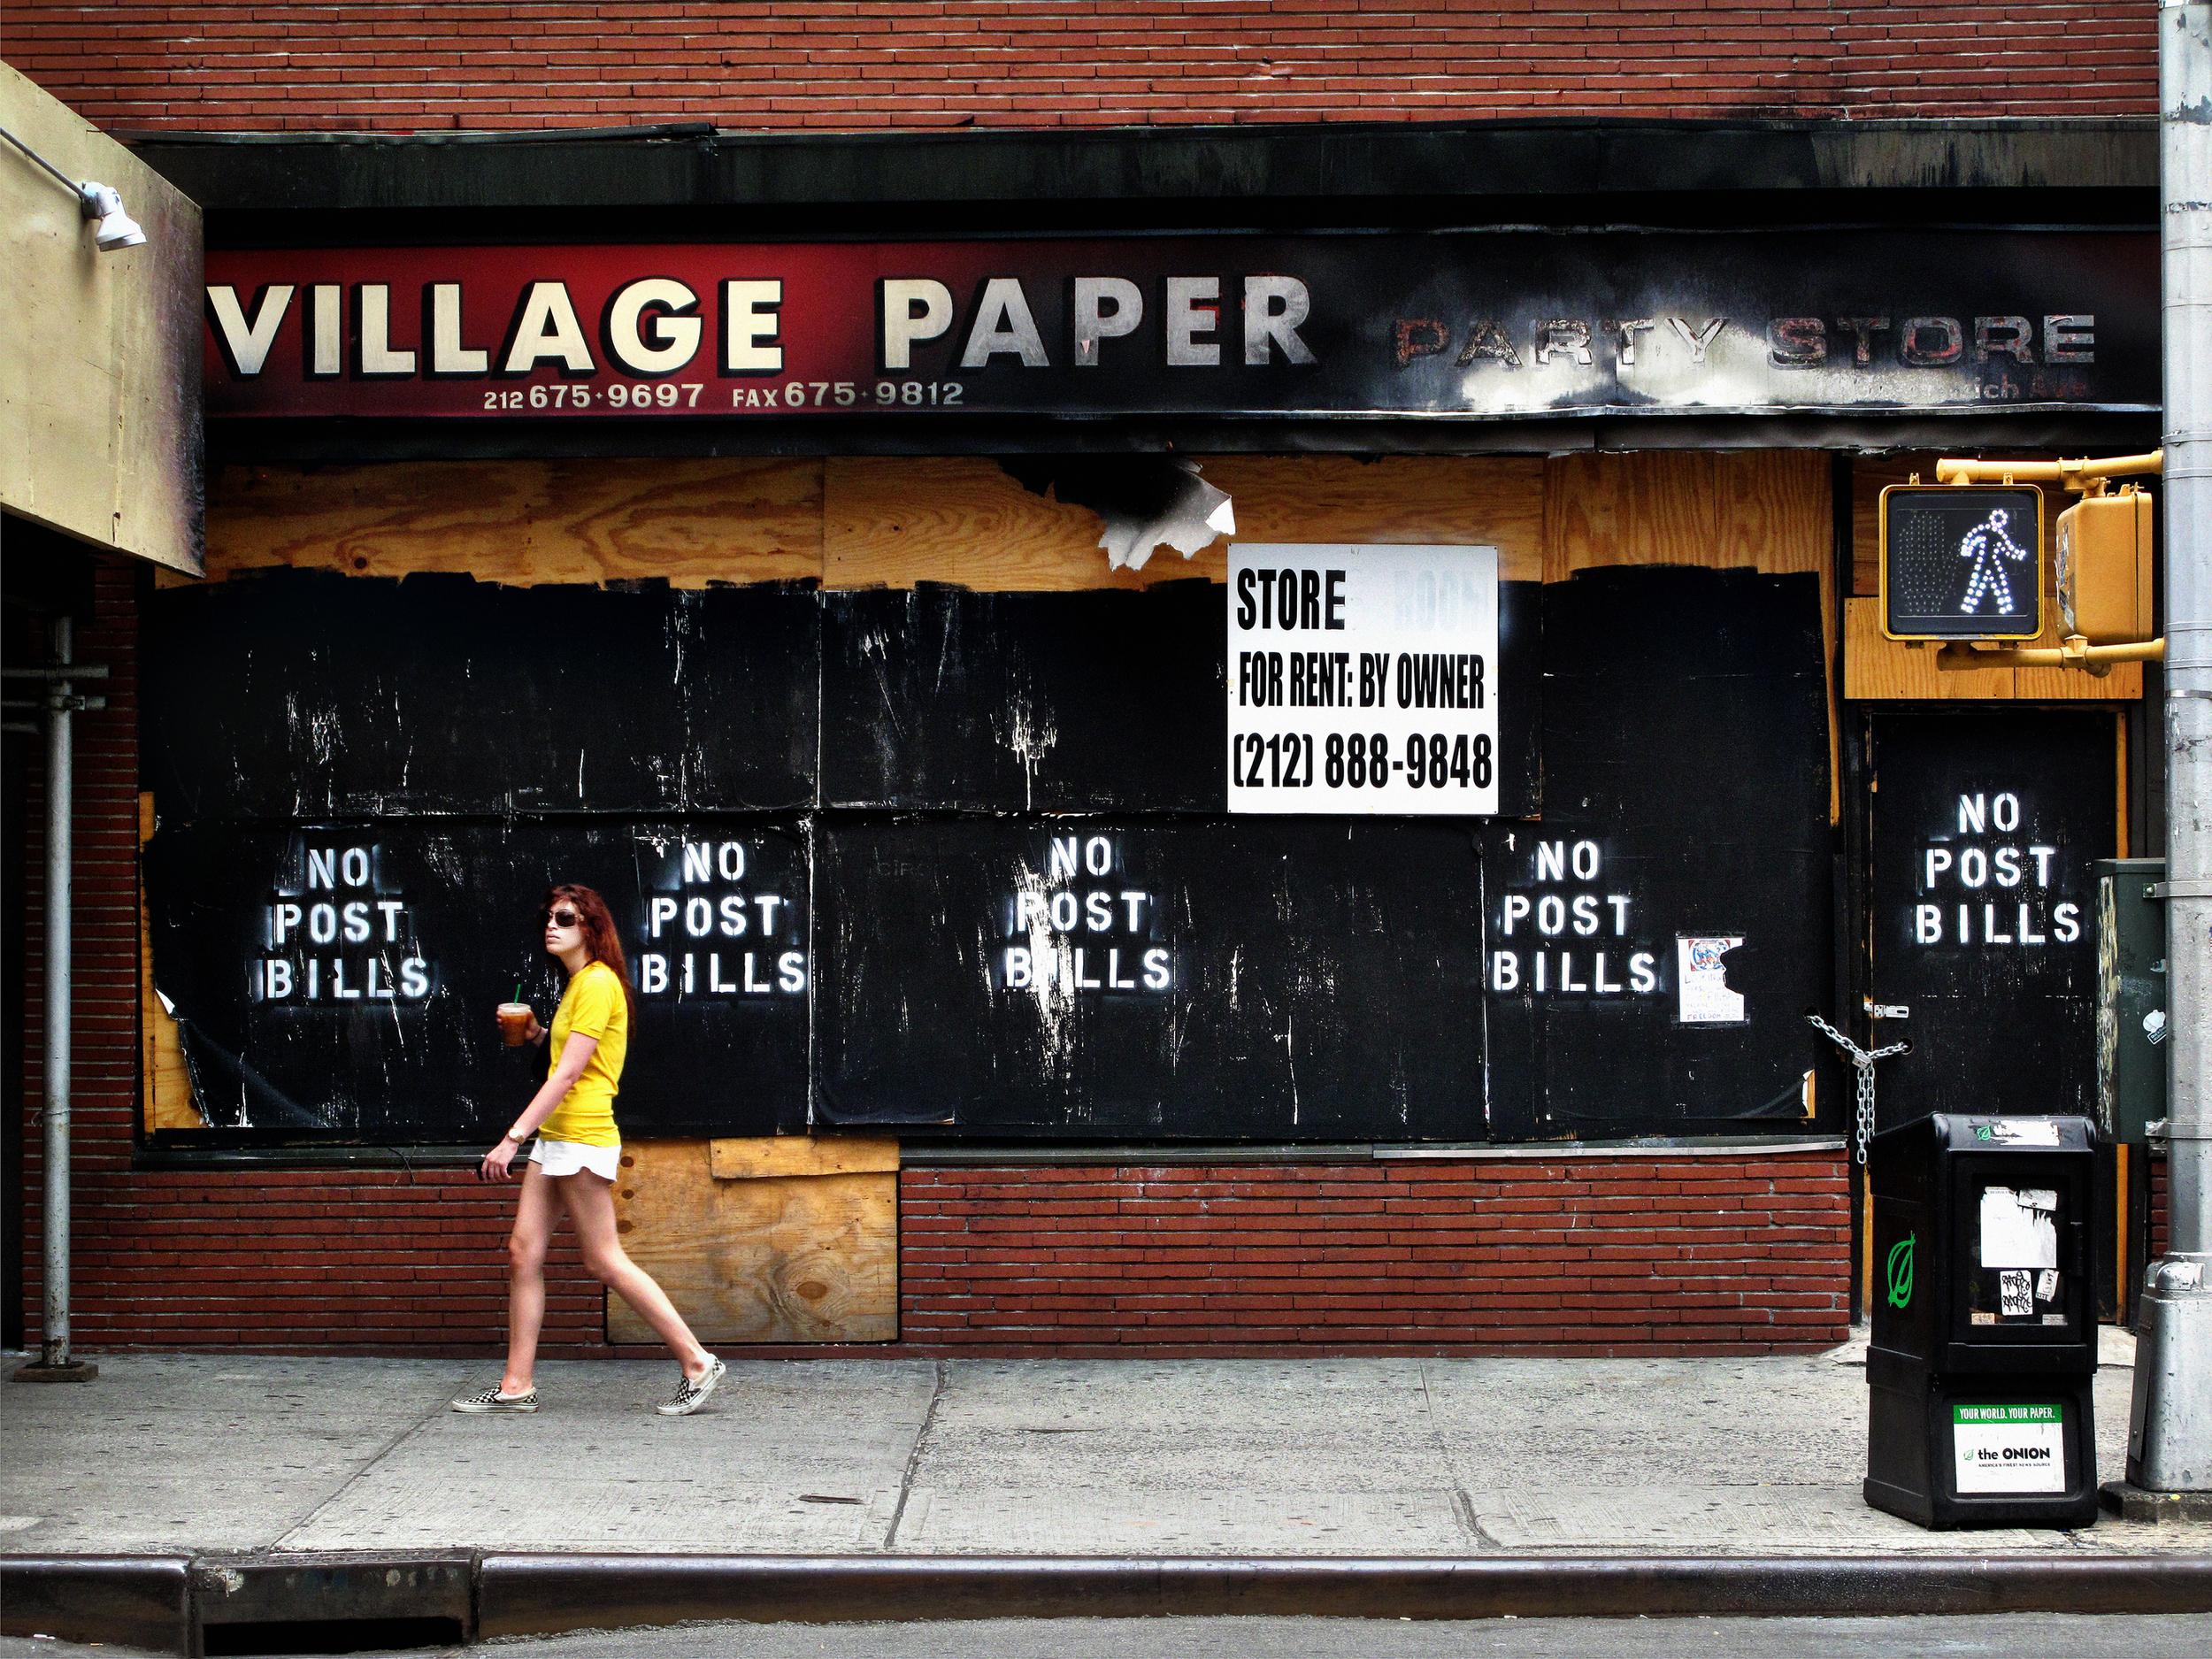 Village Paper